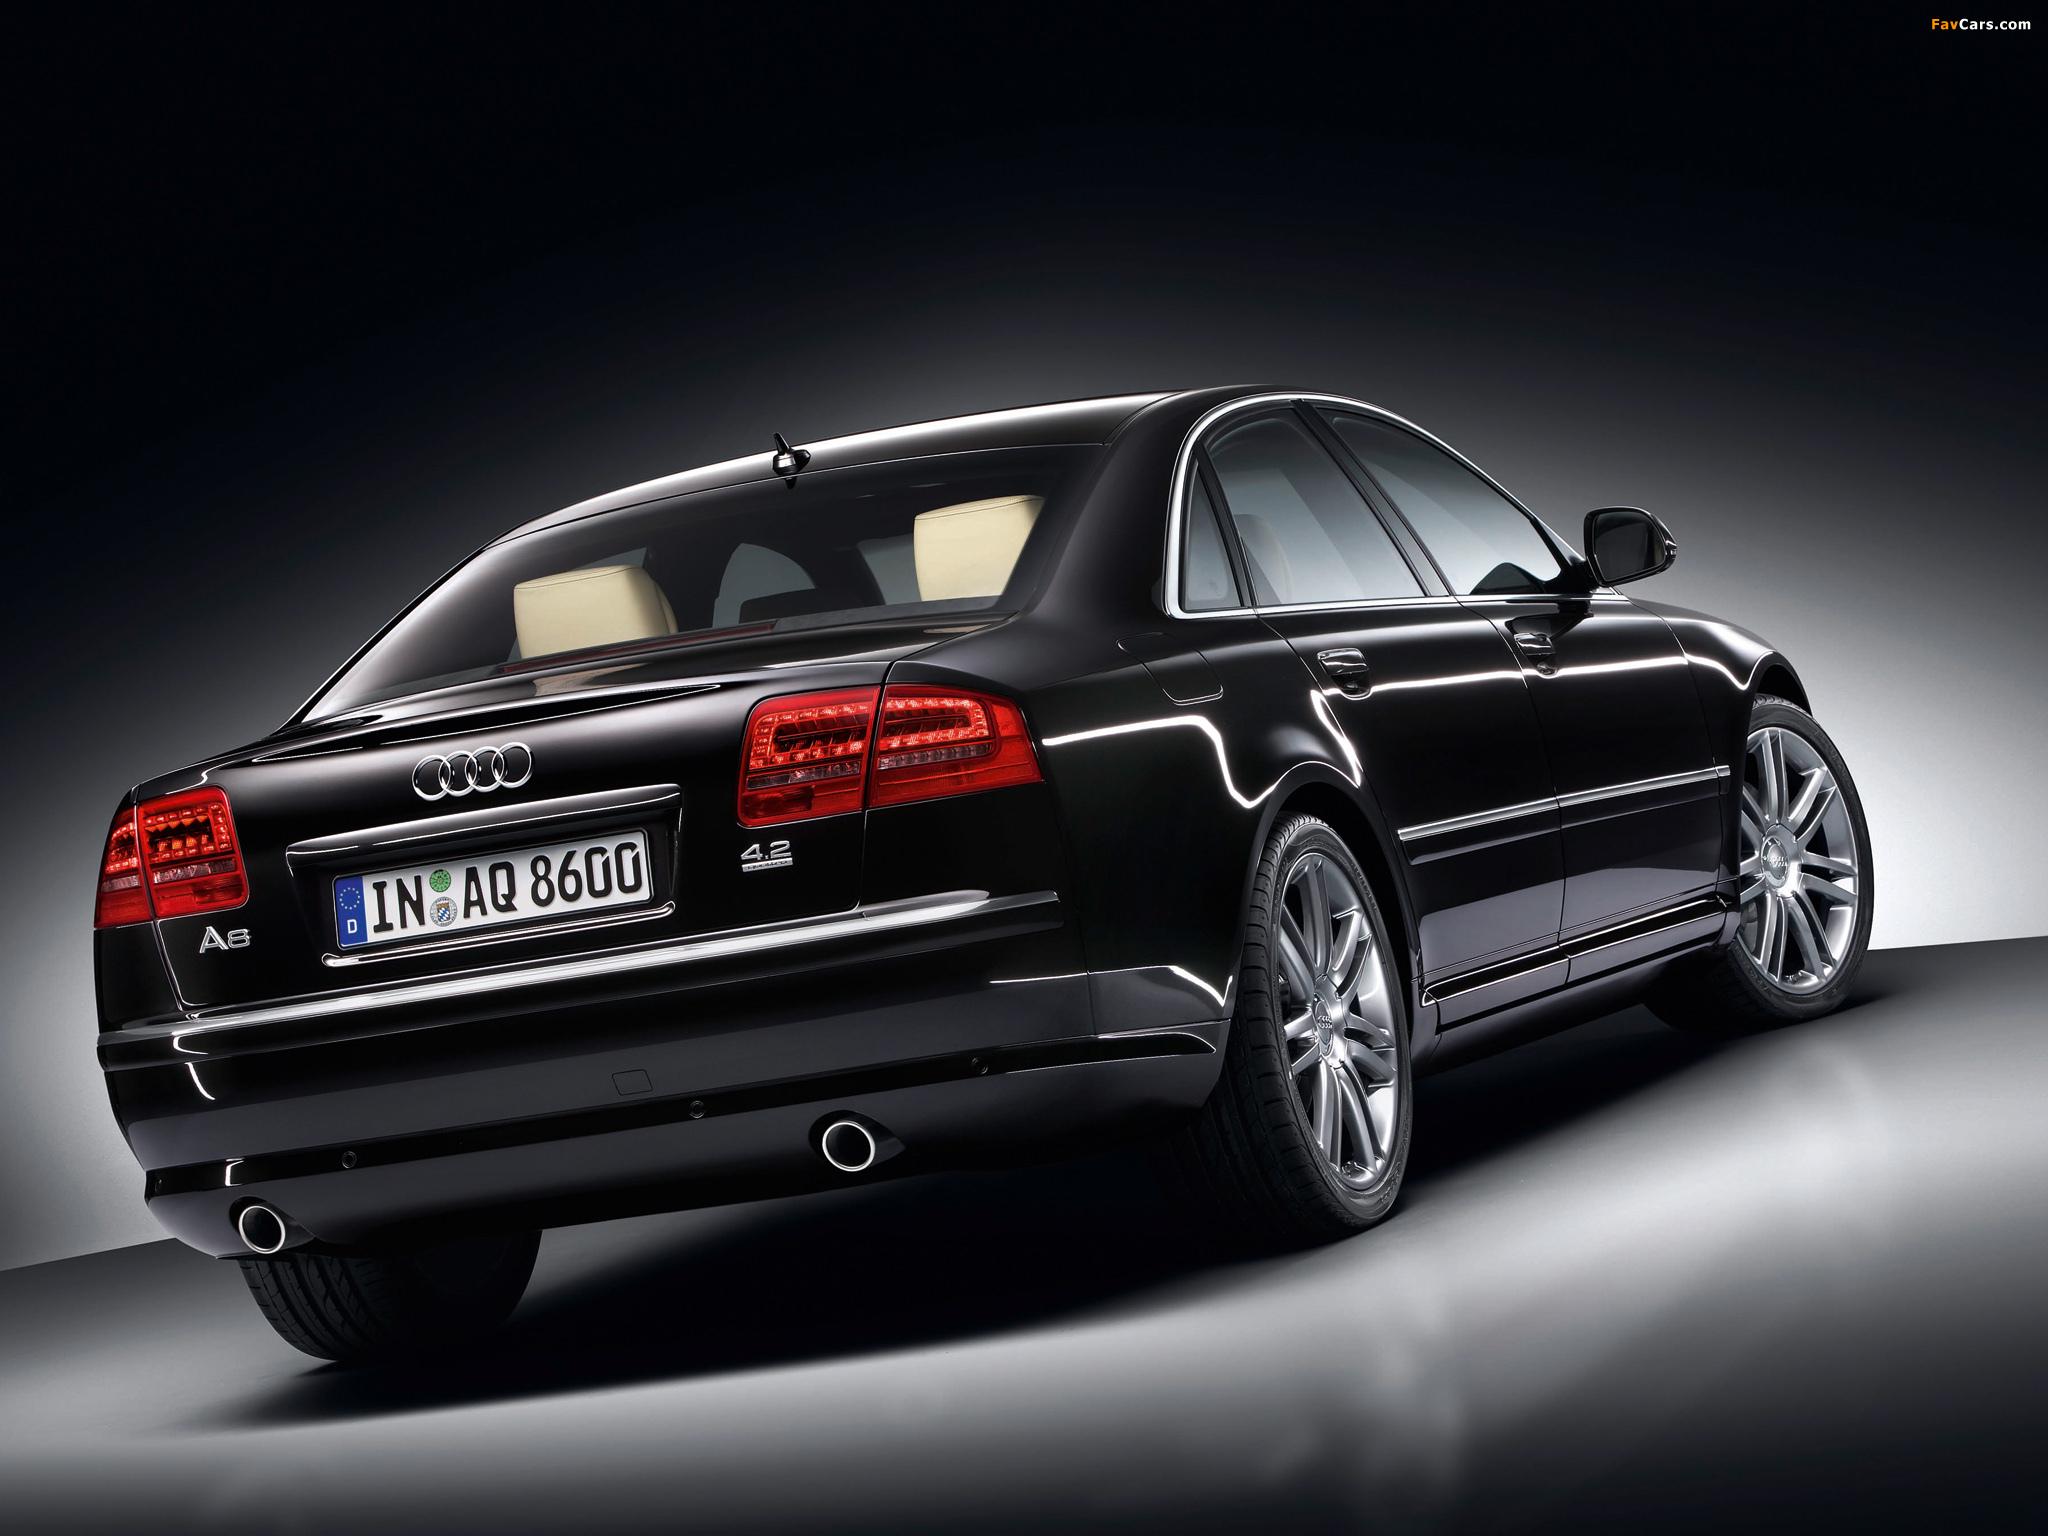 Kelebihan Audi A8 4.2 Quattro Spesifikasi